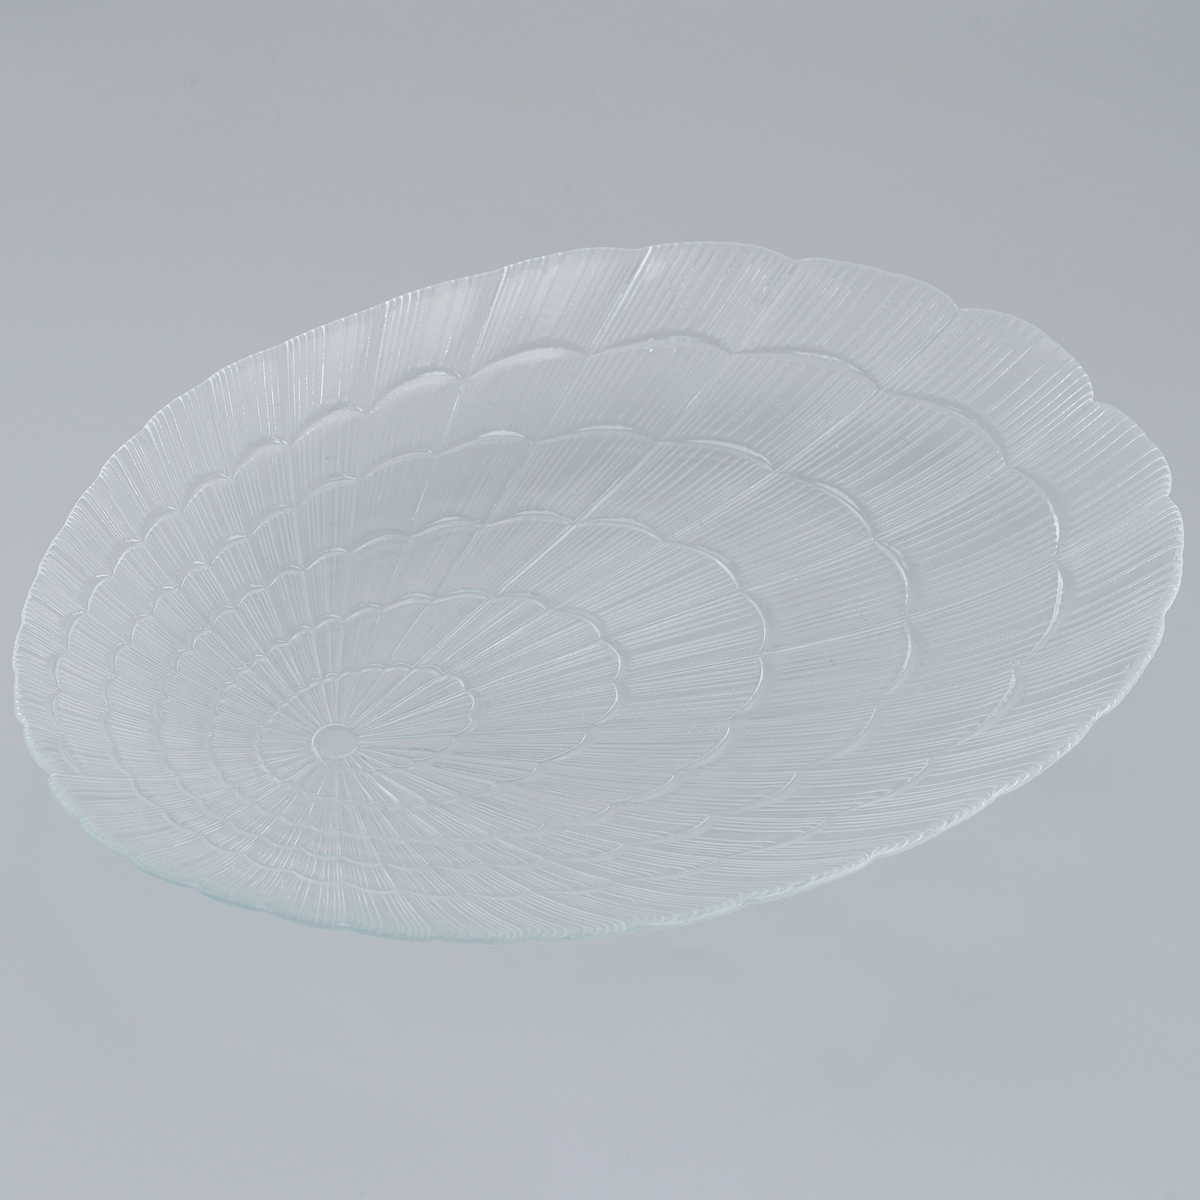 Тарелка Pasabahce Atlantis, овальная, 32 см х 23,5 см60690Овальная тарелка Pasabahce Atlantis, выполненная из закаленного стекла, декорирована рифленым узором. Она сочетают в себе изысканный дизайн с максимальной функциональностью. Оригинальность оформления тарелки придется по вкусу и ценителям классики, и тем, кто предпочитает утонченность и изящность. Тарелка Pasabahce Atlantis предназначена для красивой сервировки различных блюд. Можно использовать в морозильной камере и микроволновой печи. Можно мыть в посудомоечной машине. Размер тарелки: 32 см х 23,5 см. Высота стенок: 2 см.